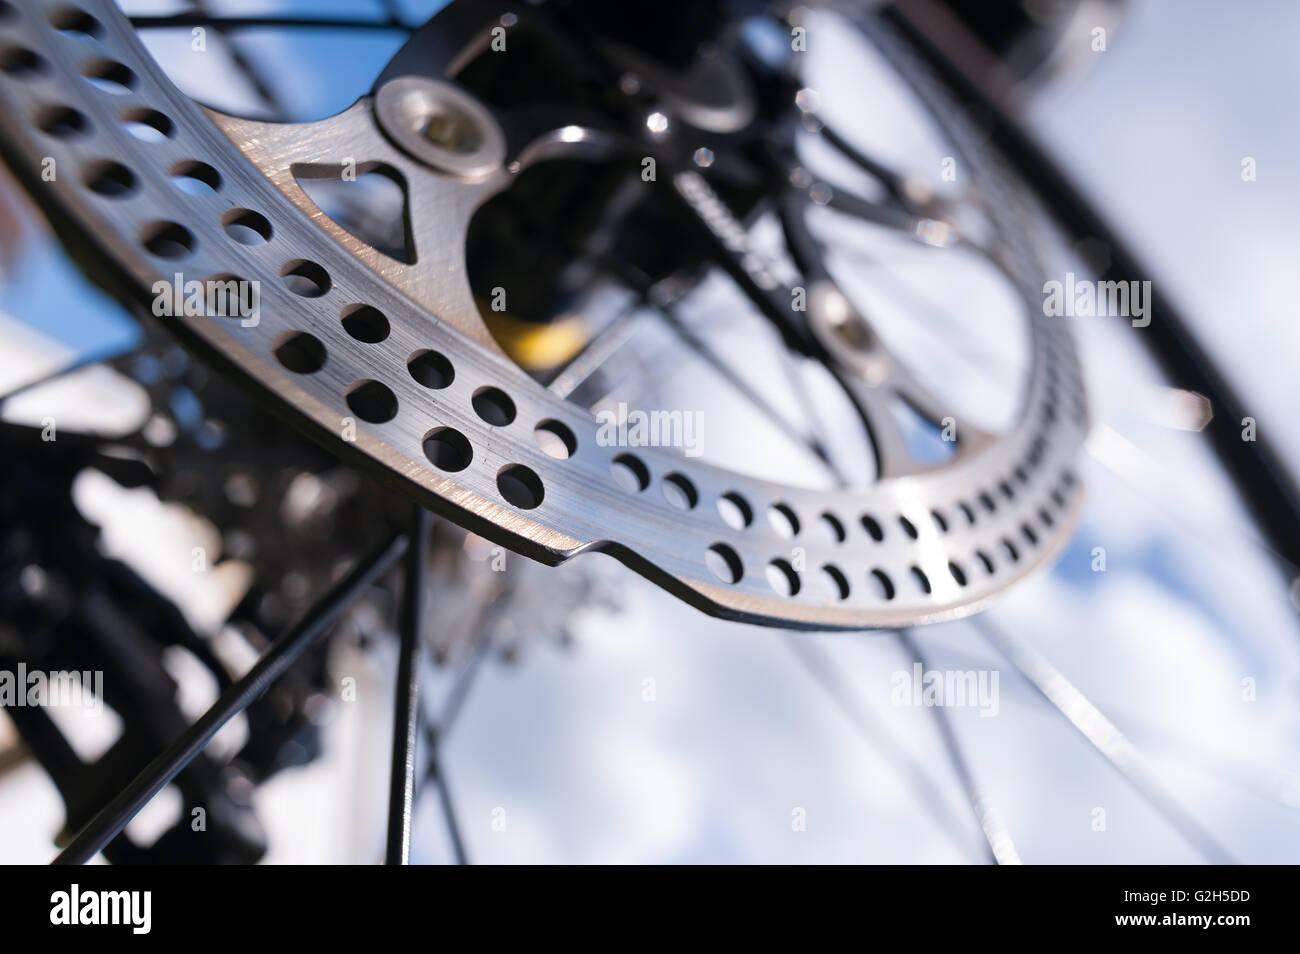 Stahl Metall Scheibenbremse am Rennrad mit großen scharfen Bruch stoppen Fähigkeit aber Messer scharfe Stockbild